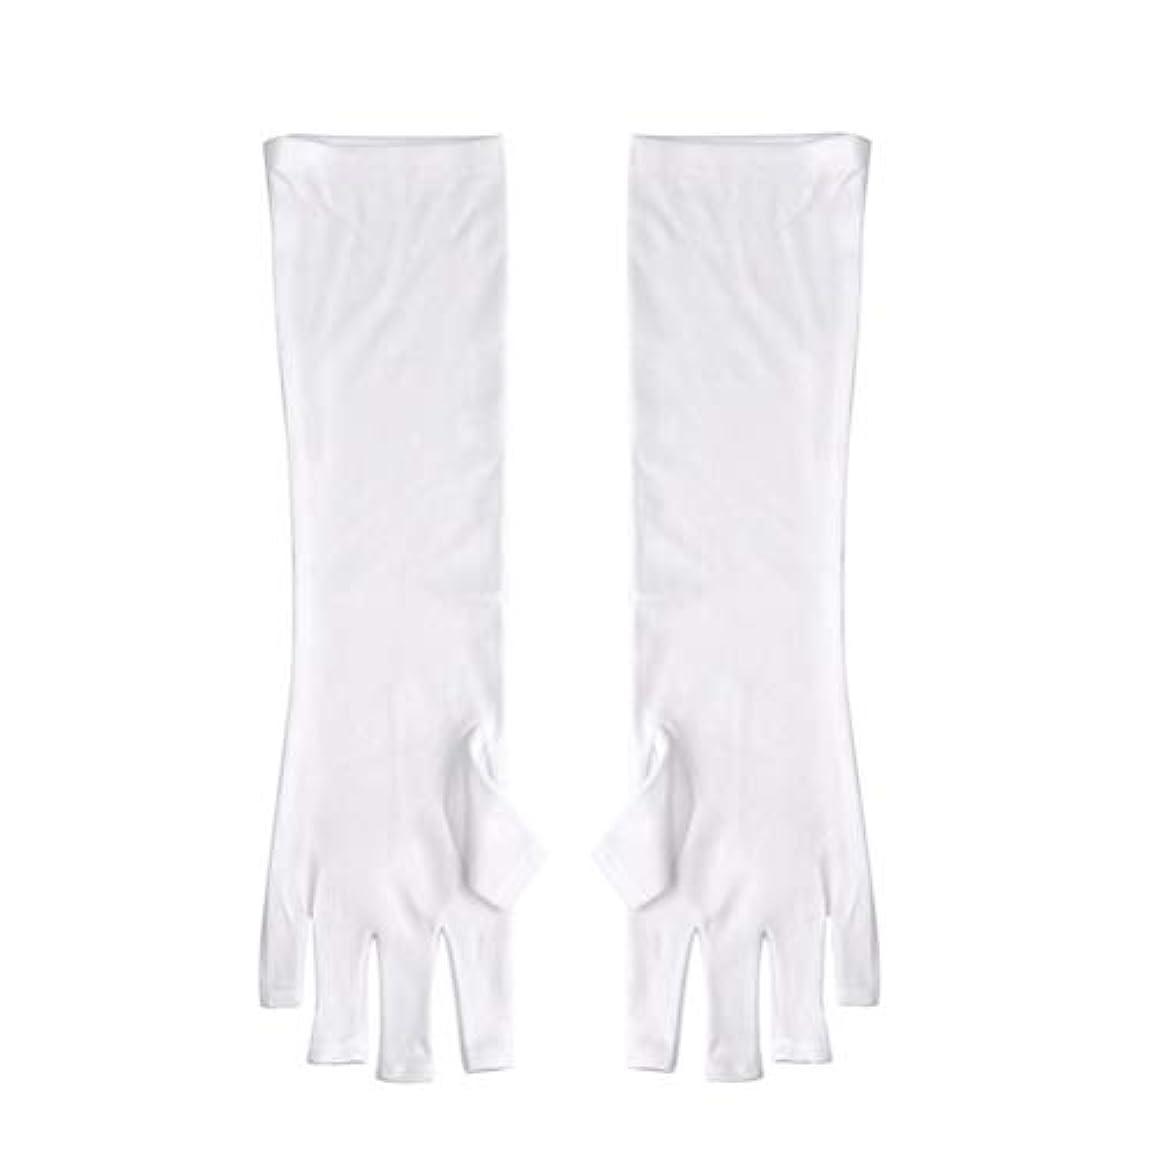 便宜噴火活性化するFrcolor ネイルUVシールド手袋 ネイルアートグローブ 紫外線防止 マニキュア抗UVグローブ 半指 手保護 マニキュアドライヤーツール